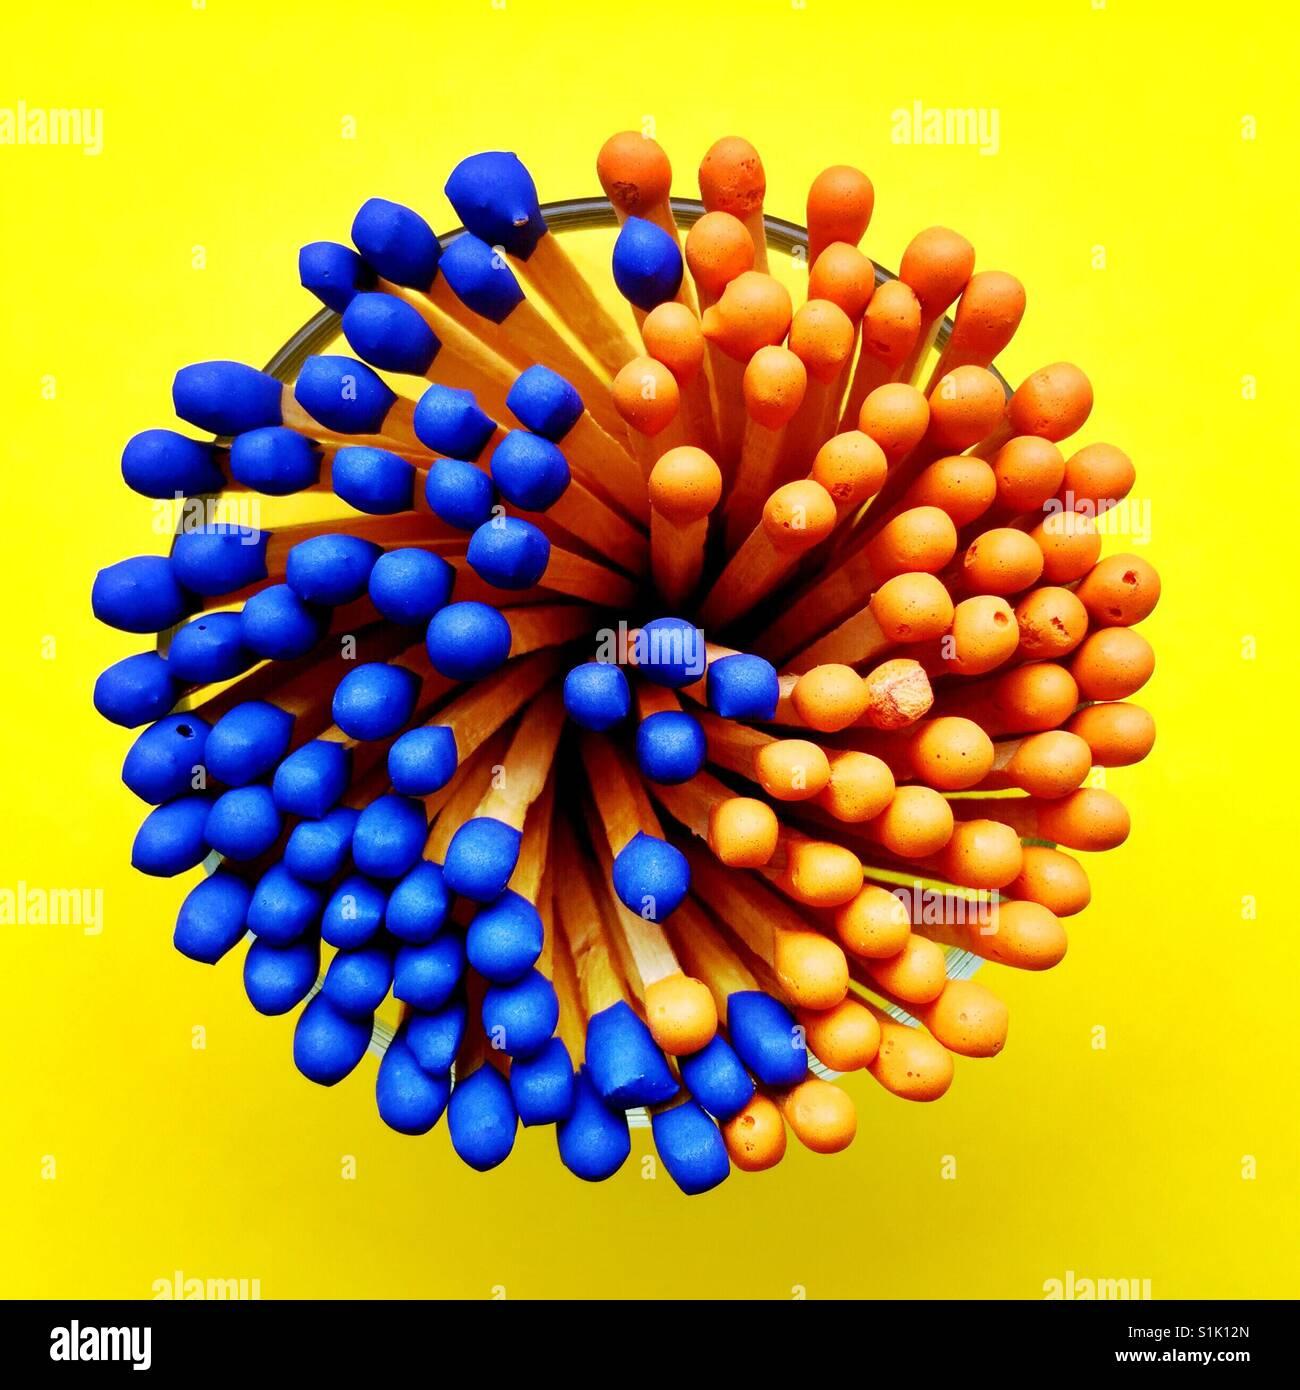 Una fotografía cenital de un montón de cerillas con punta azul y naranja en un recipiente de vidrio Imagen De Stock